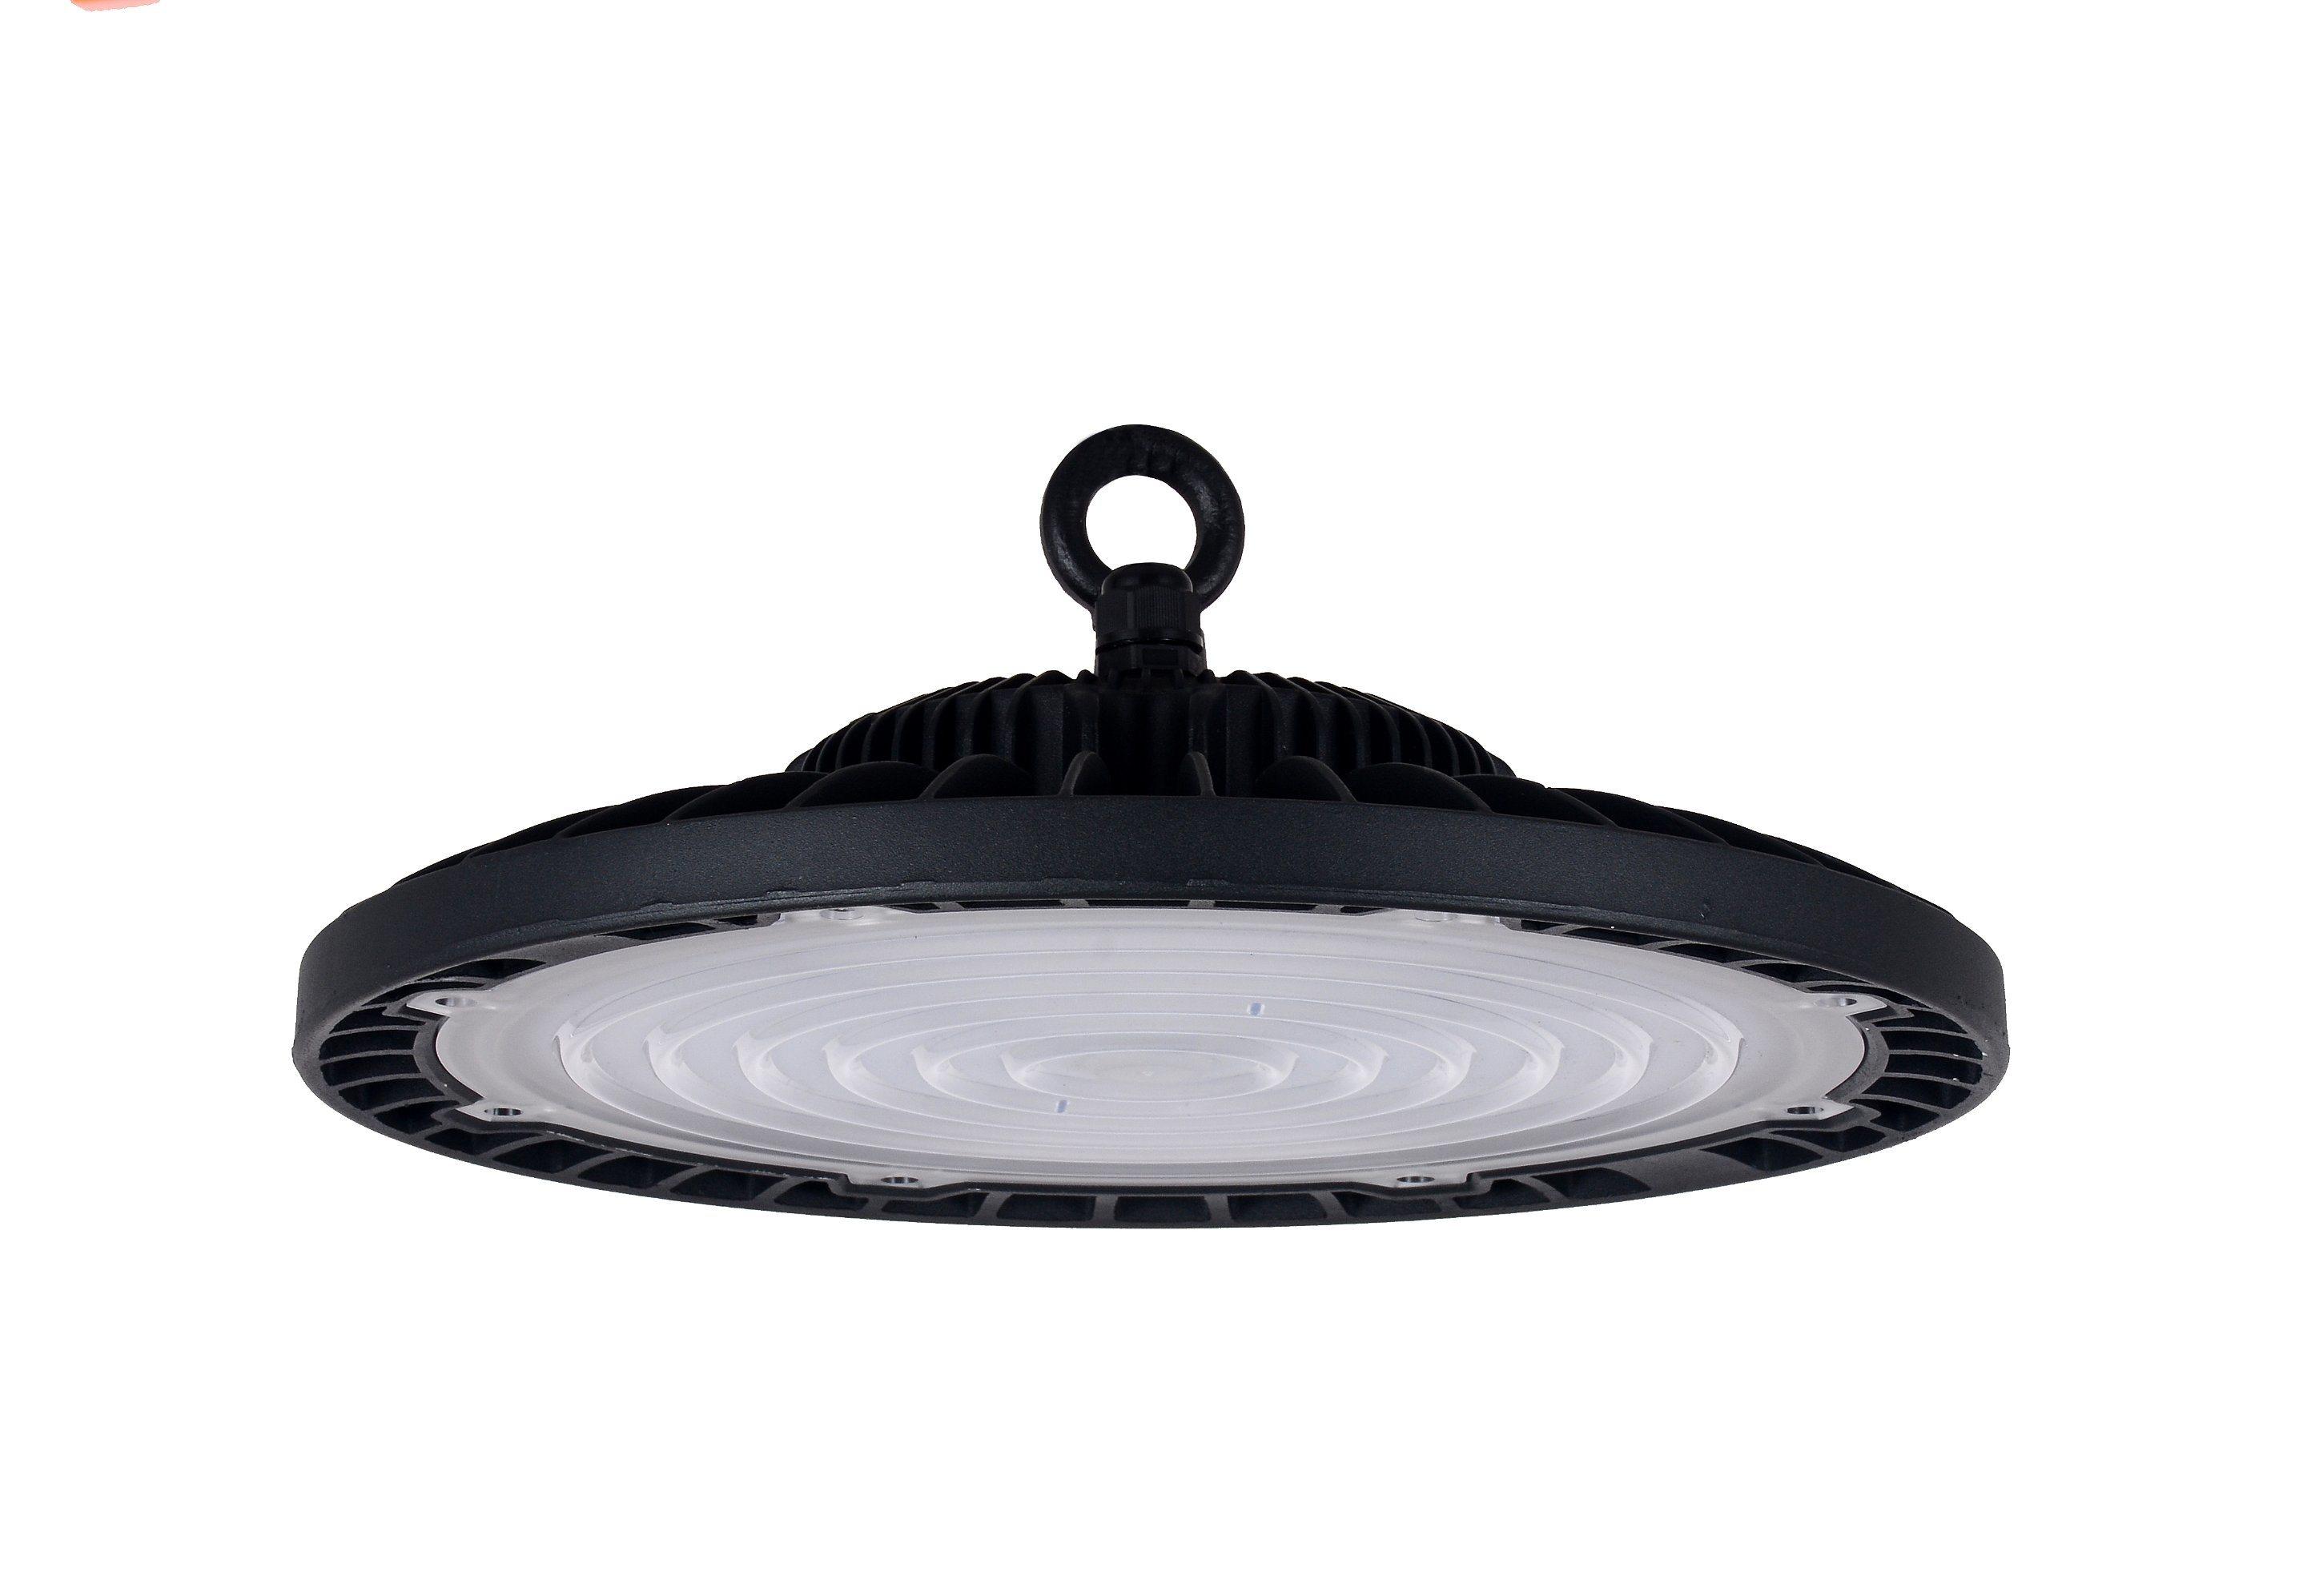 15000lm Super Bright LED Highbay Light mit 6500K White UFO High Bay Light mit ETL, UL, CE, RoHS für Lager, Garage Industriebeleuchtung